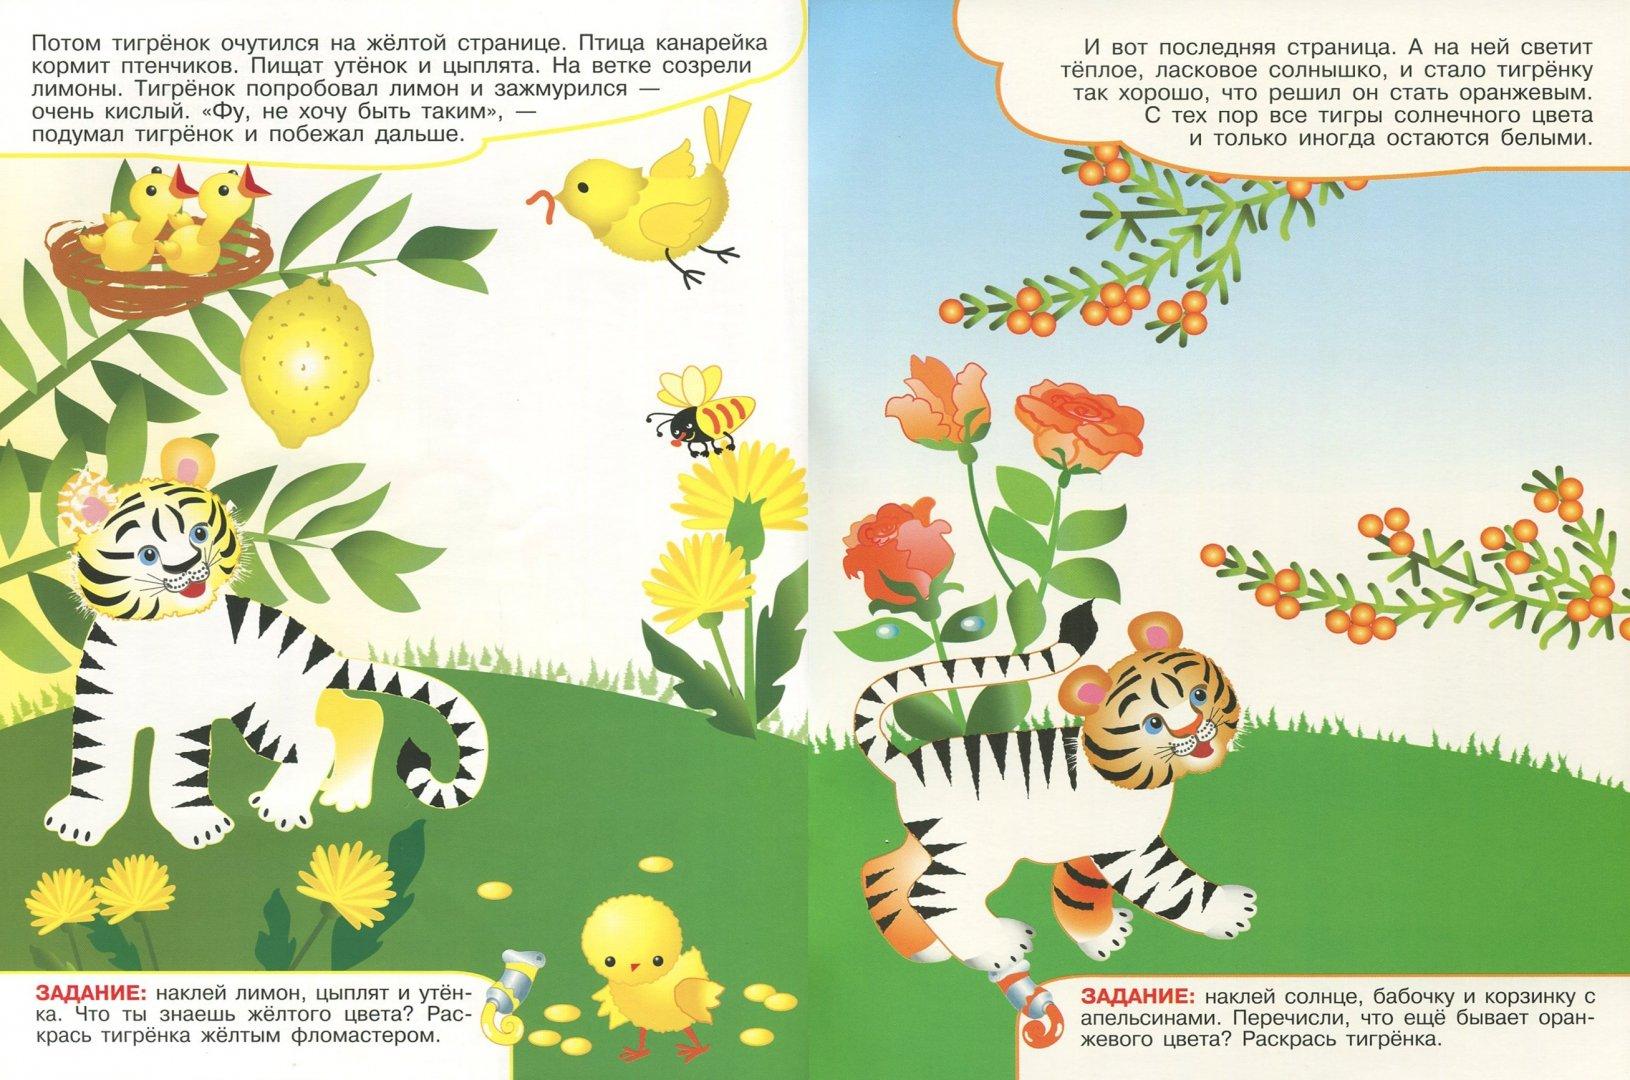 Картинки тигренок в солнышко